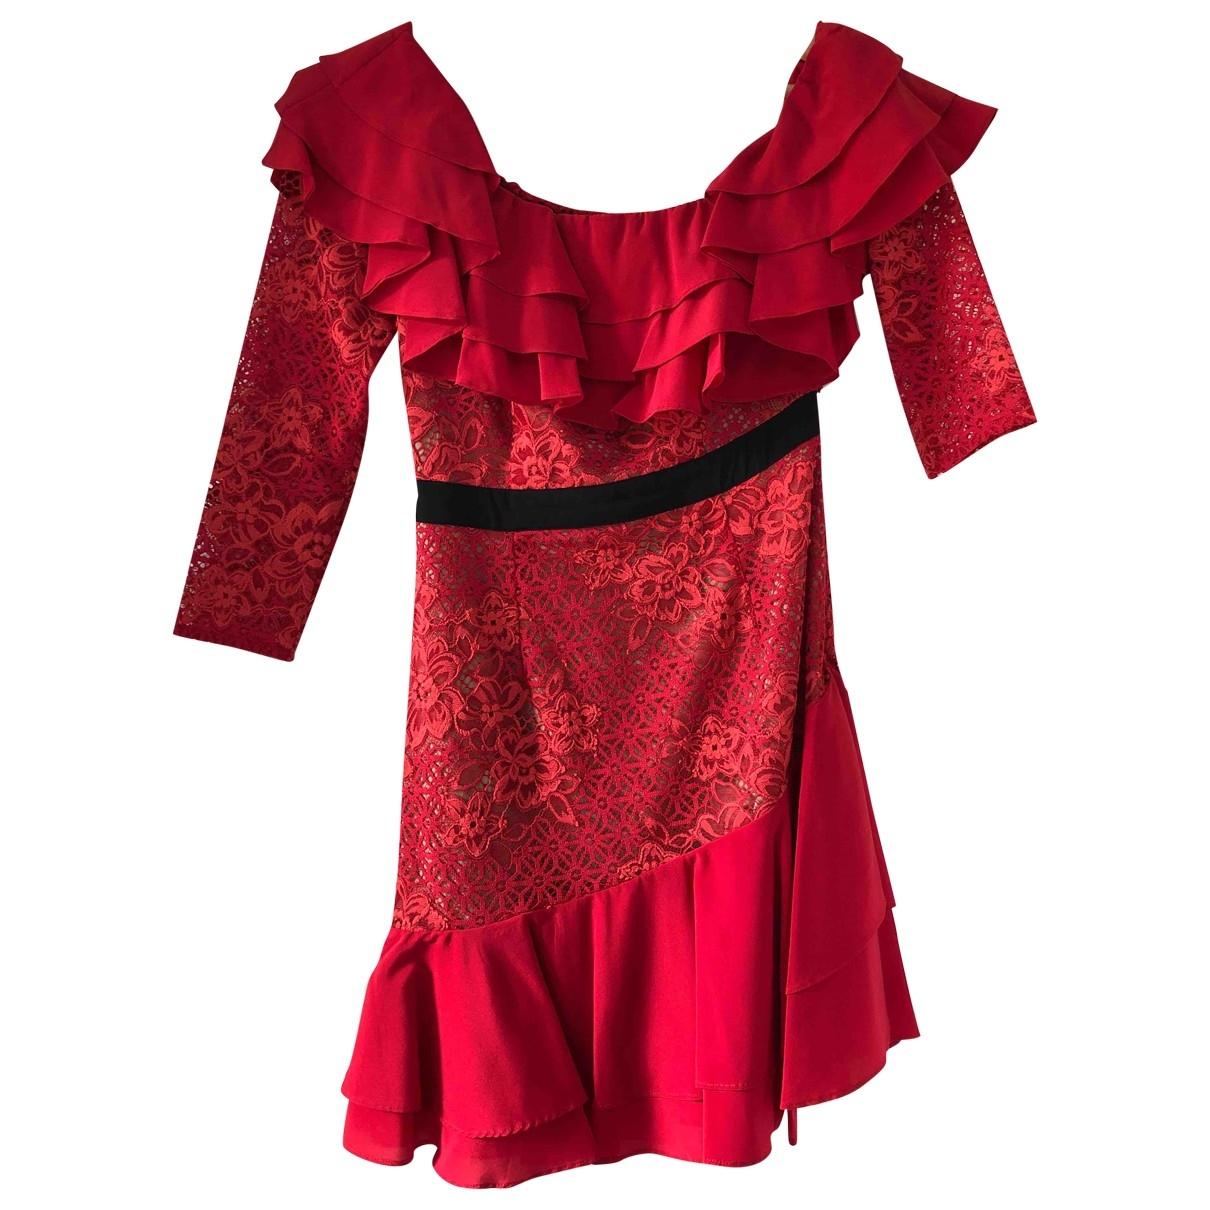 For Love & Lemons - Robe   pour femme en dentelle - rouge